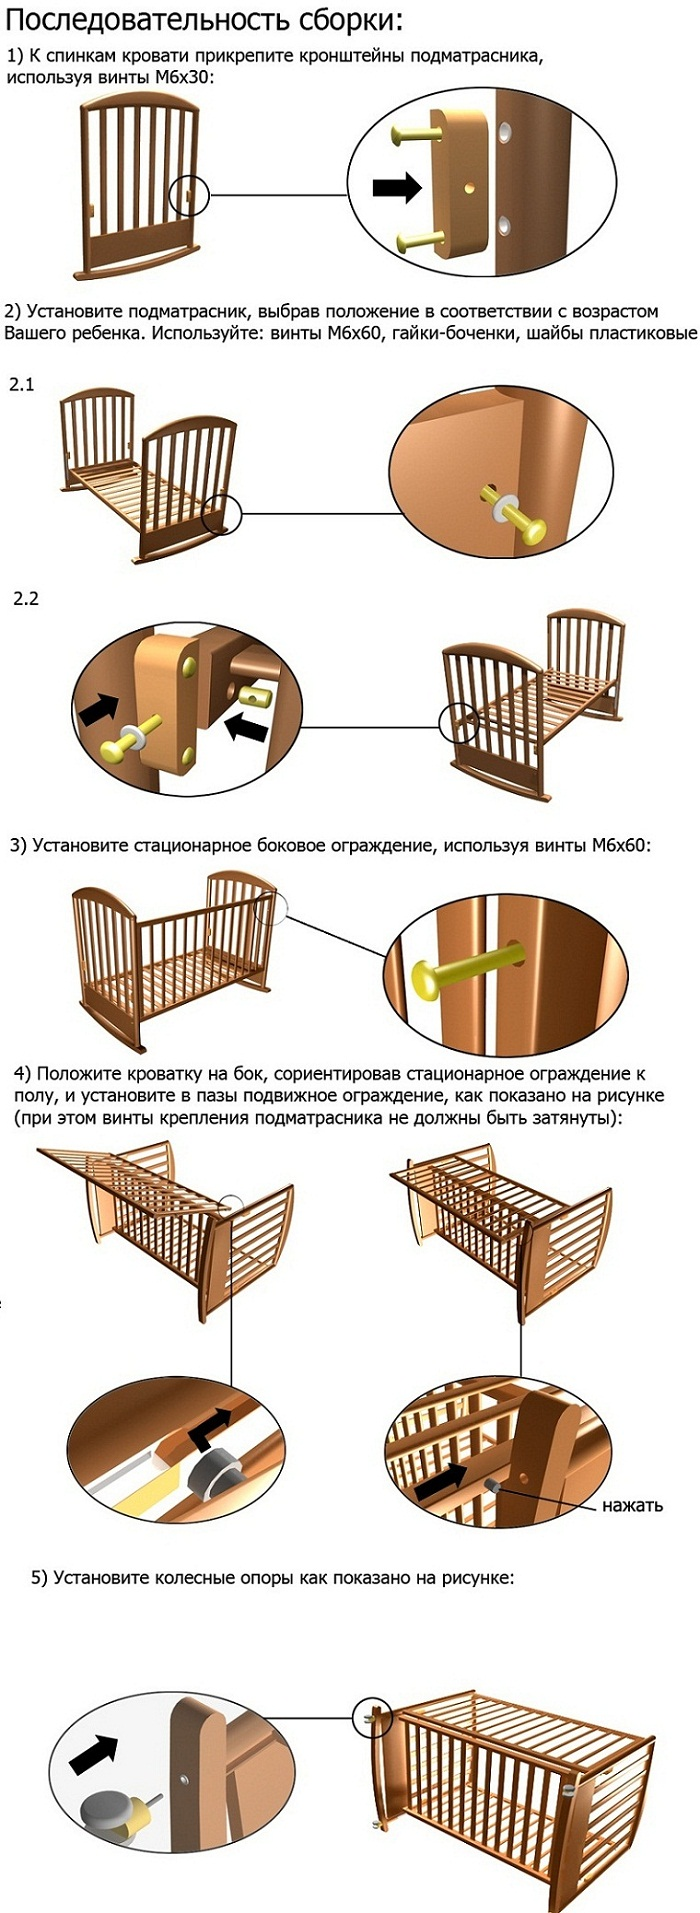 Схема сборки кроватки Papaloni